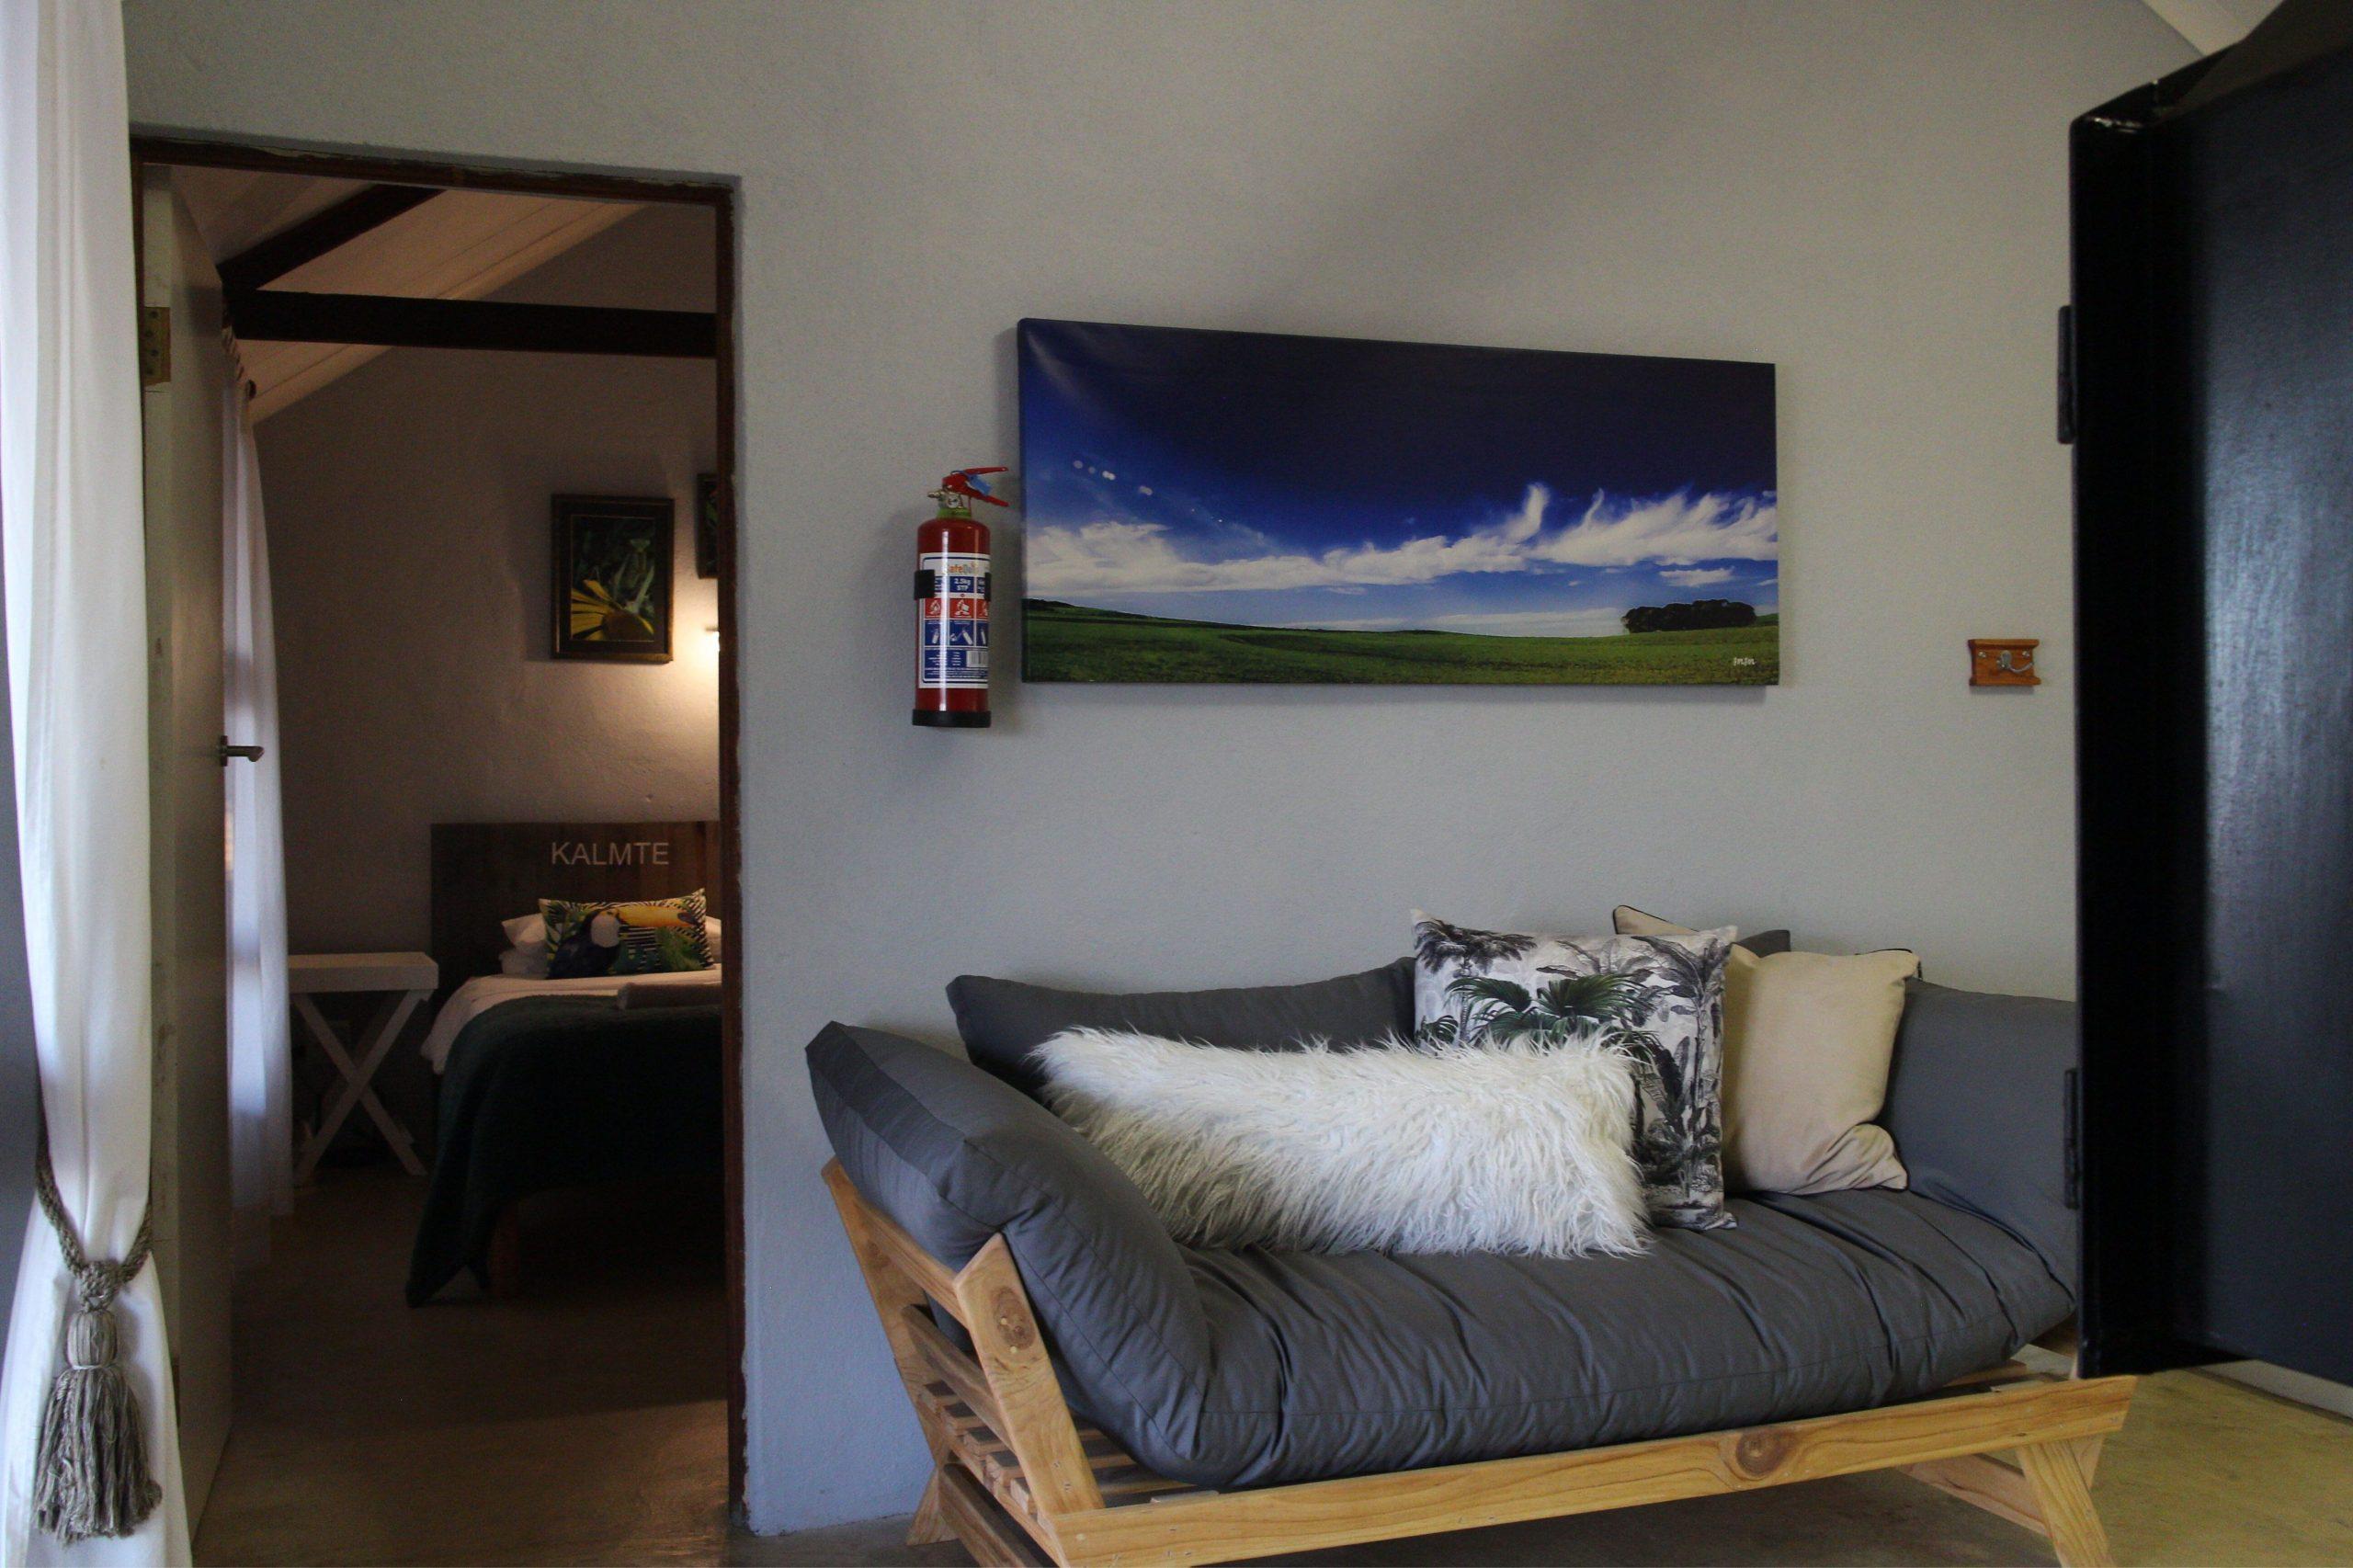 Kuifkopvisvanger - Riethaan, self catering accommodation in Velddrif, Berg River 4